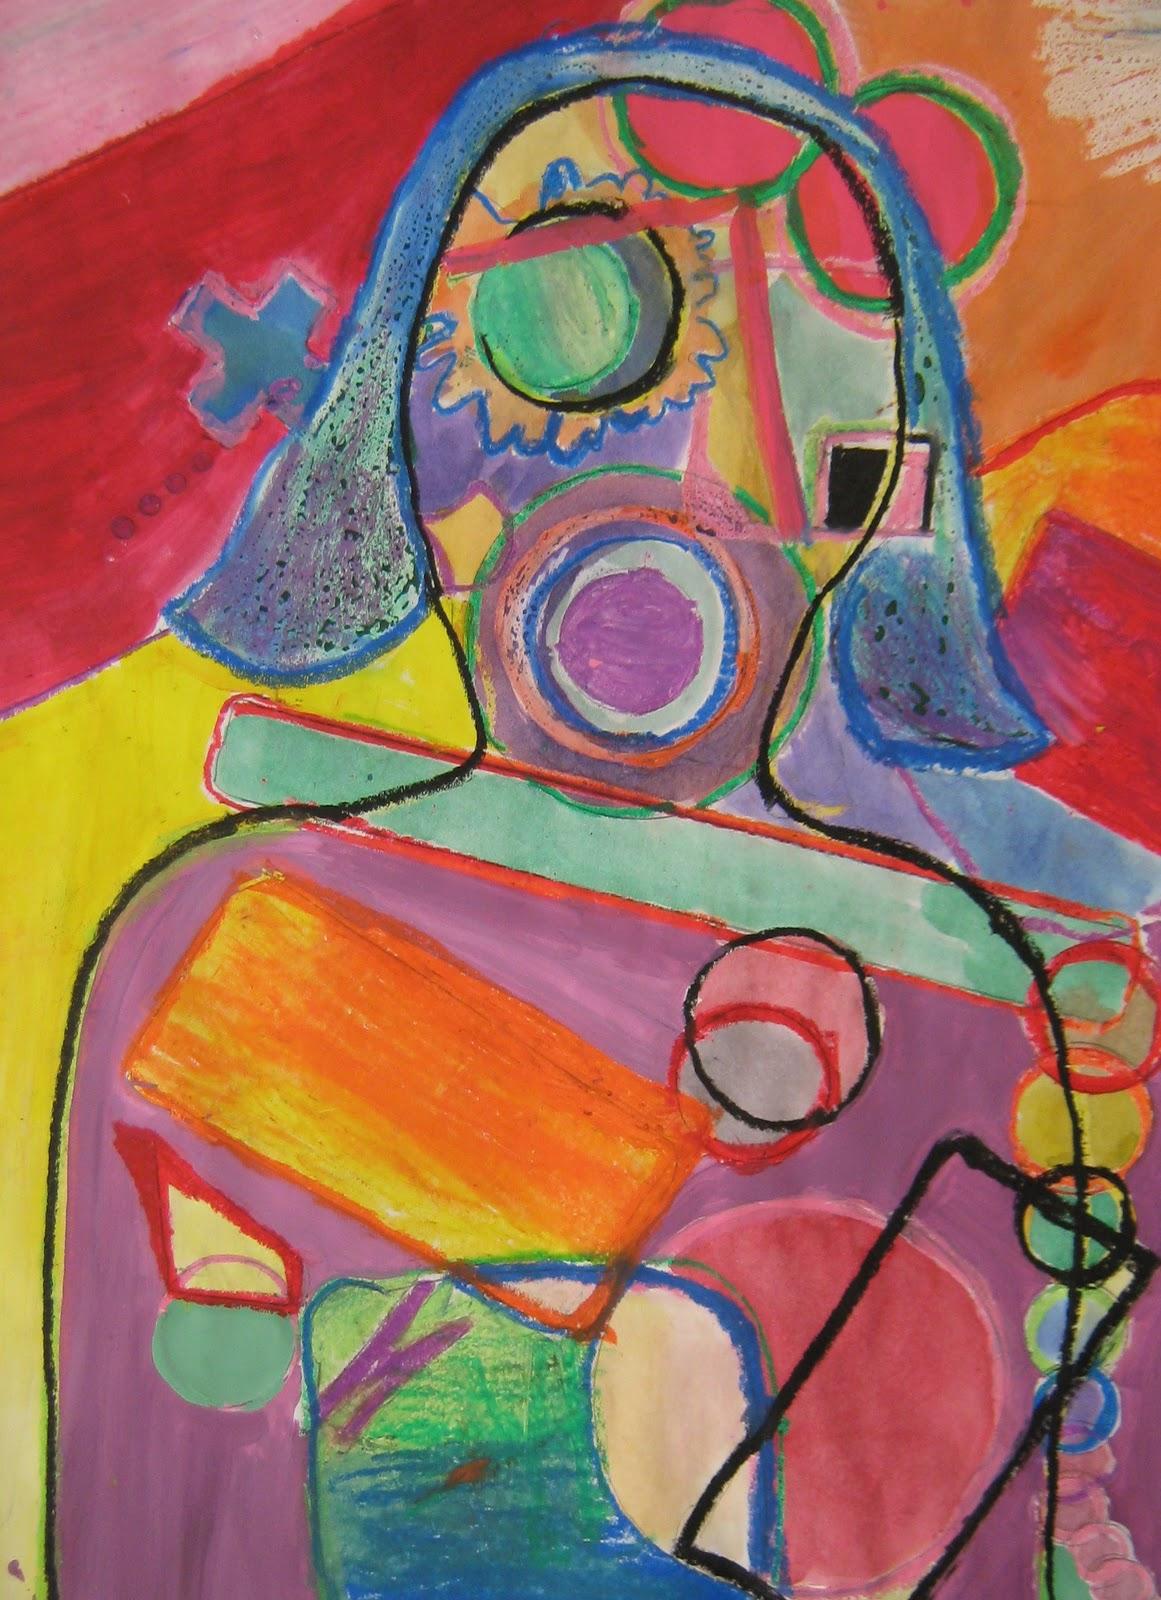 Czar Art Ed Cubist Portraits Cubist Portraits By 5th